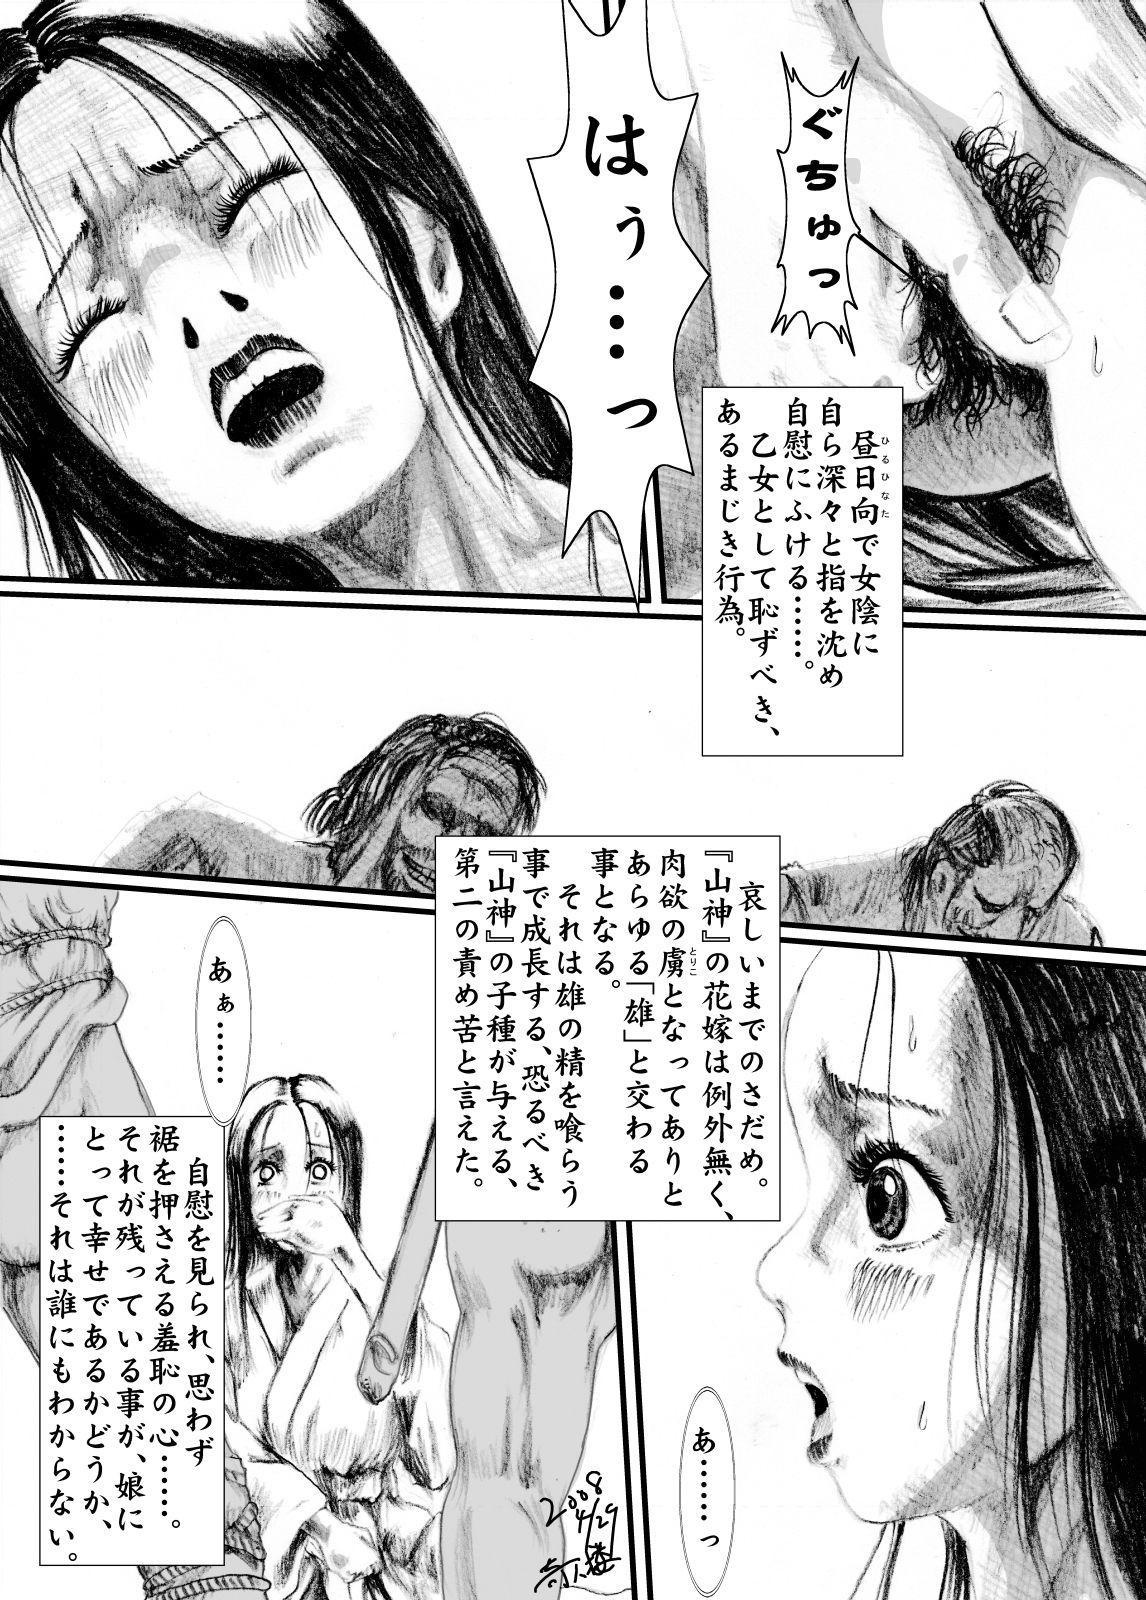 maguma no ikenie kijin-ro 19